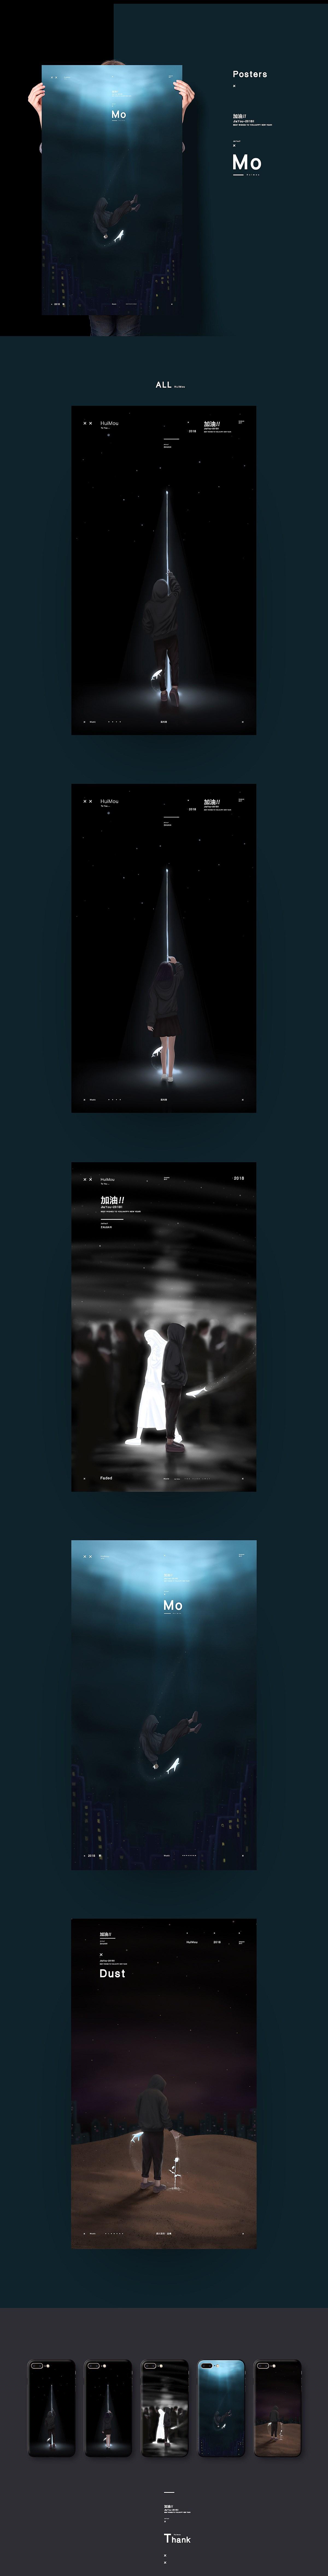 佪眸【插画】歌曲主题 情侣手机壁纸海报